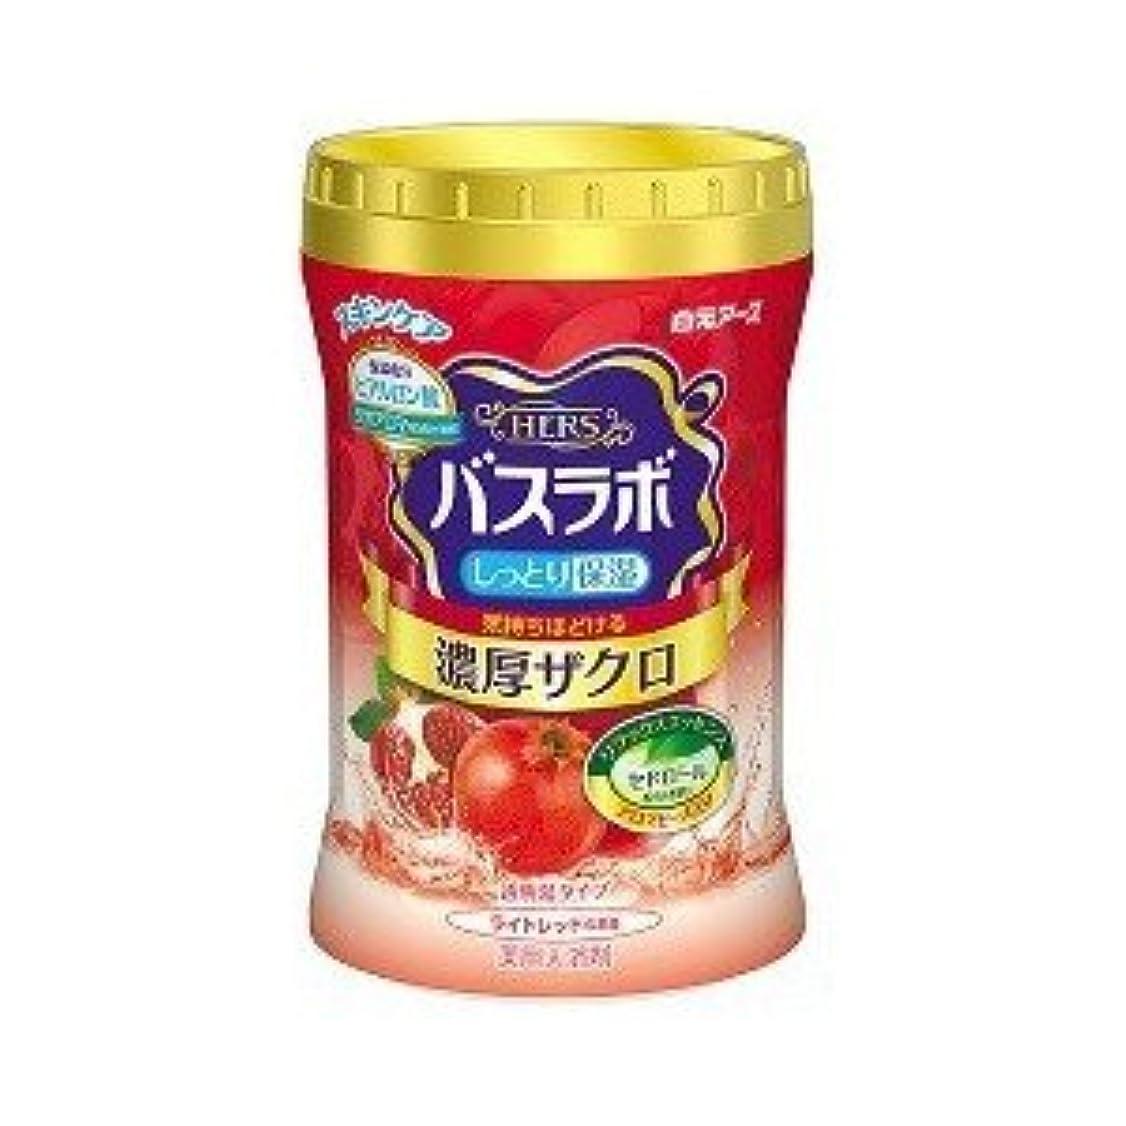 アナウンサー鑑定時期尚早【佐藤製薬】パスタロンクリームL 60g(医薬部外品)